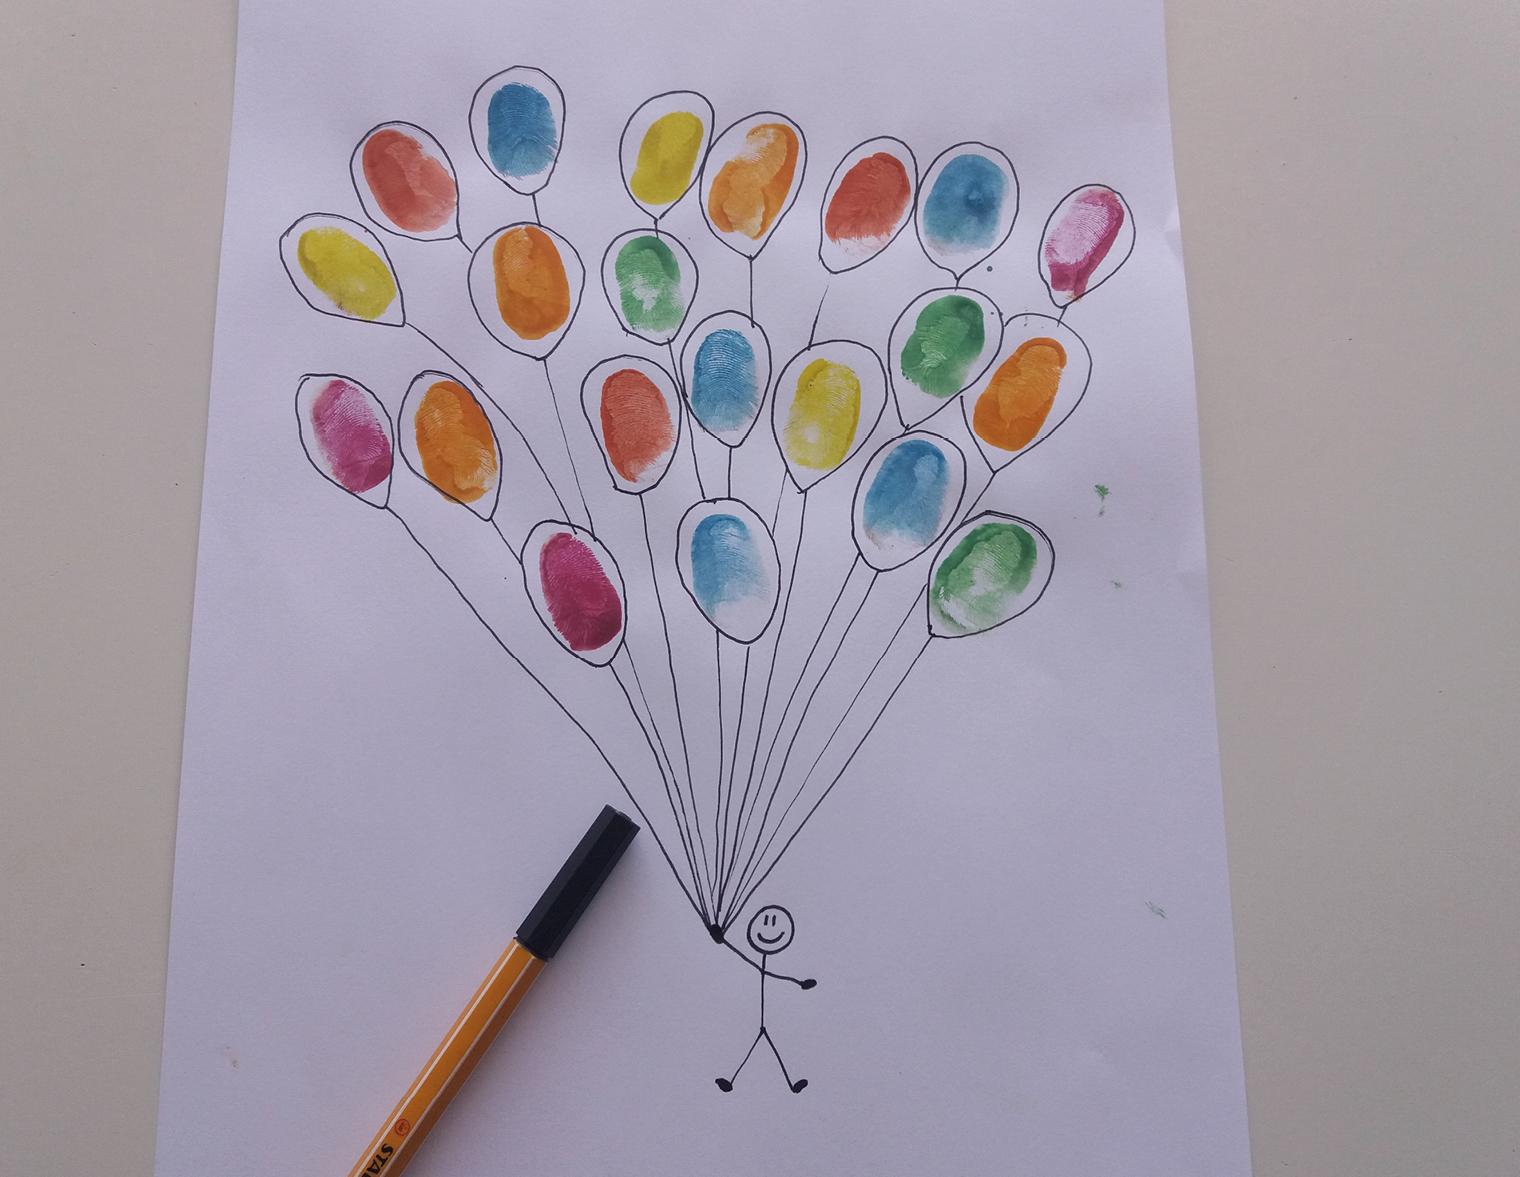 Der Punkt wird zur Hand eines Männchens, das mit den Luftballons in den Himmel fliegt.